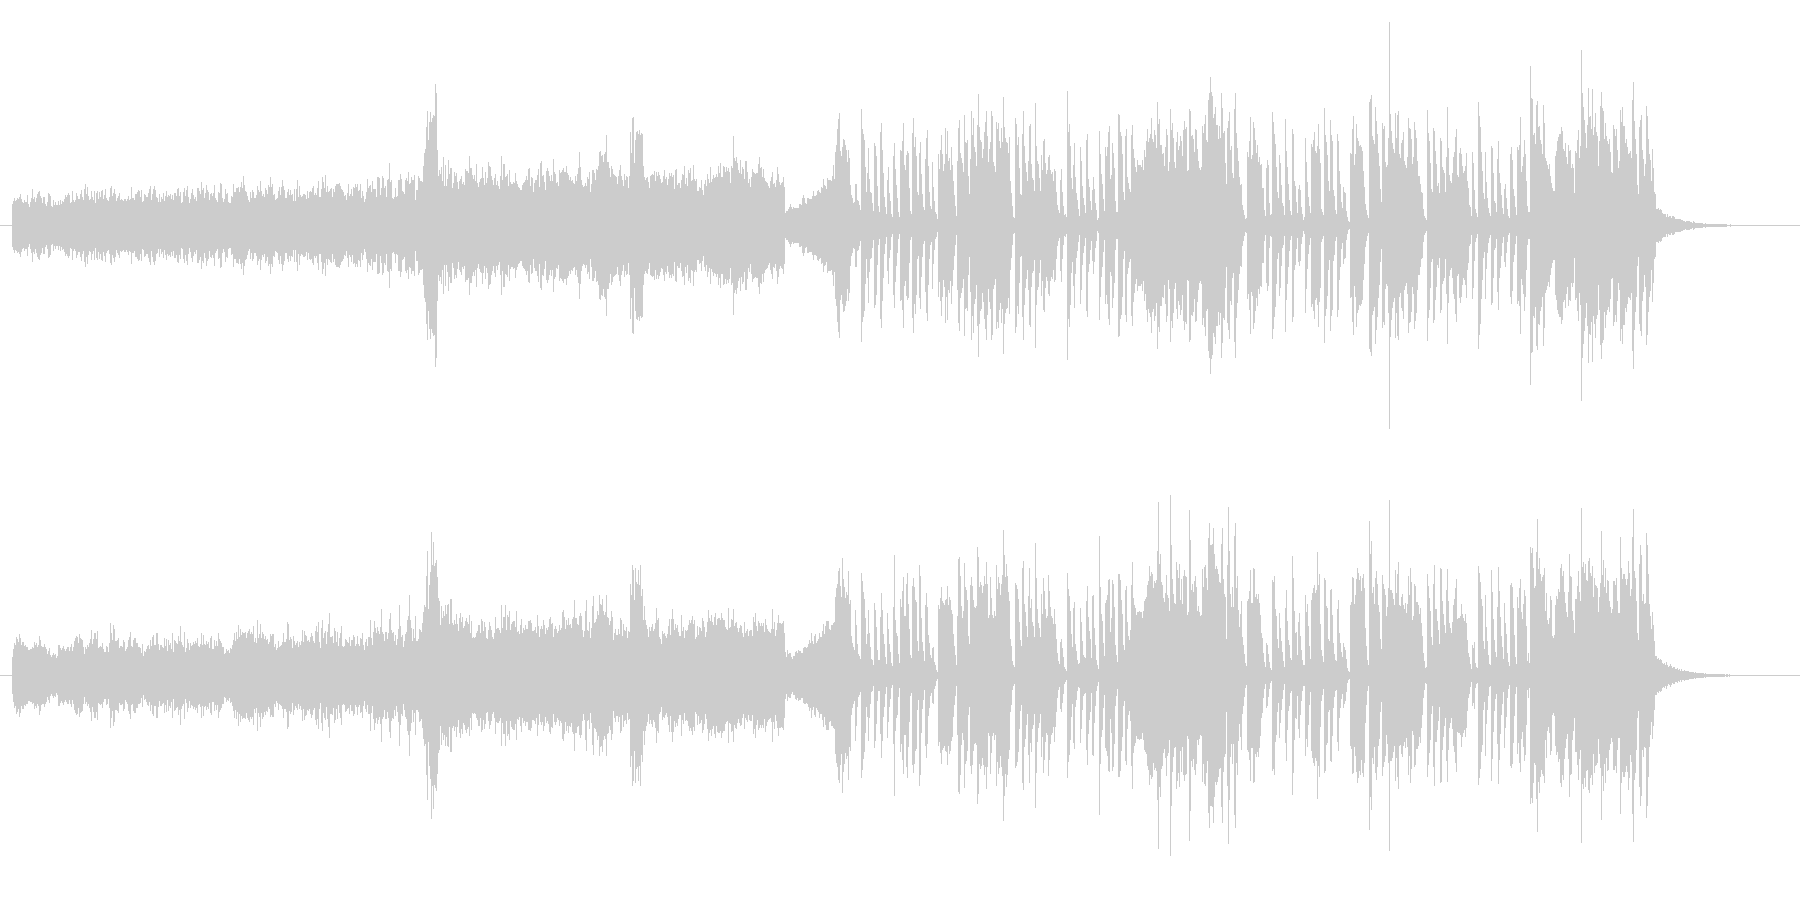 テクニカル要素の強い変則ビートの未再生の波形